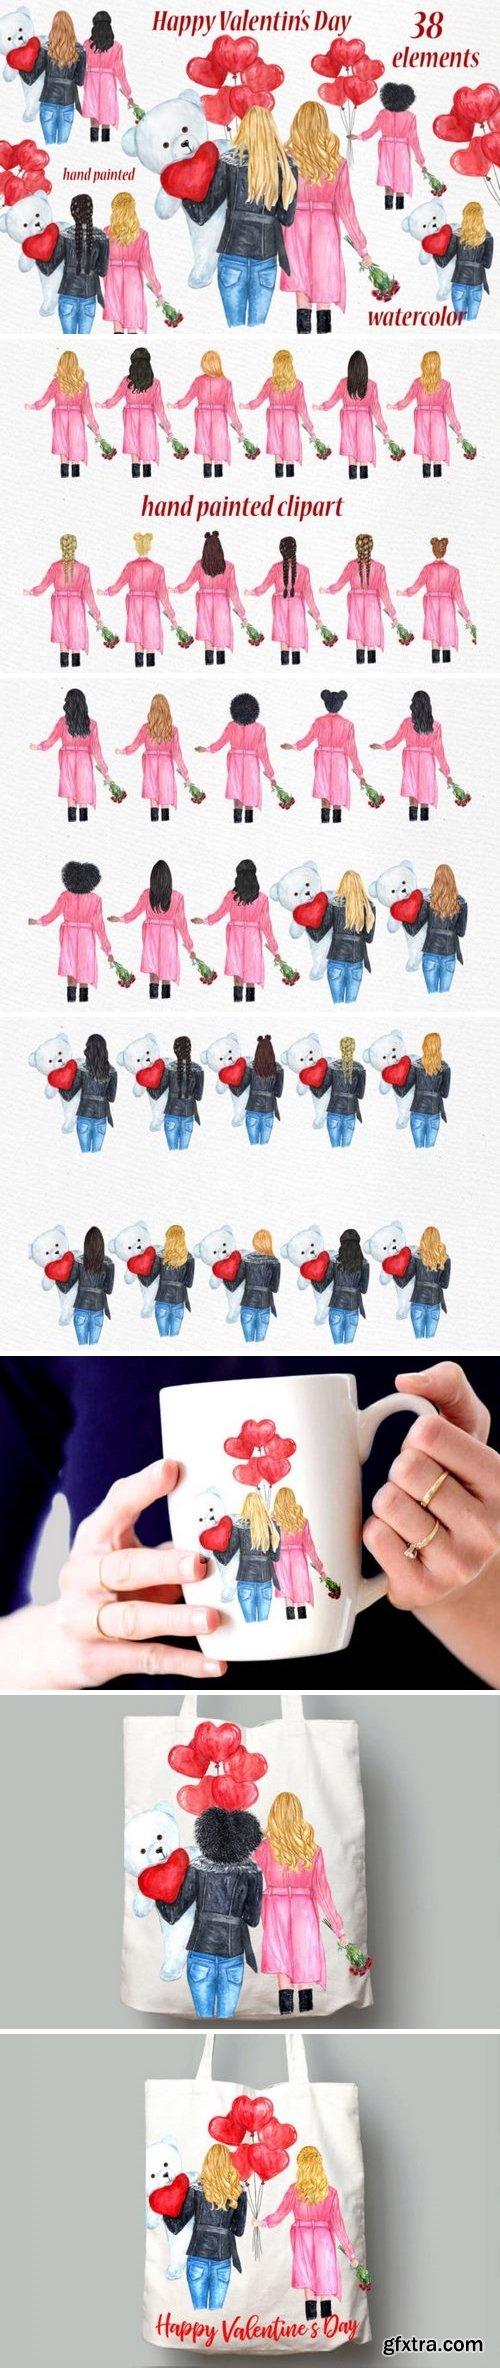 CM - Valentines Day Girls Clipart 3370873